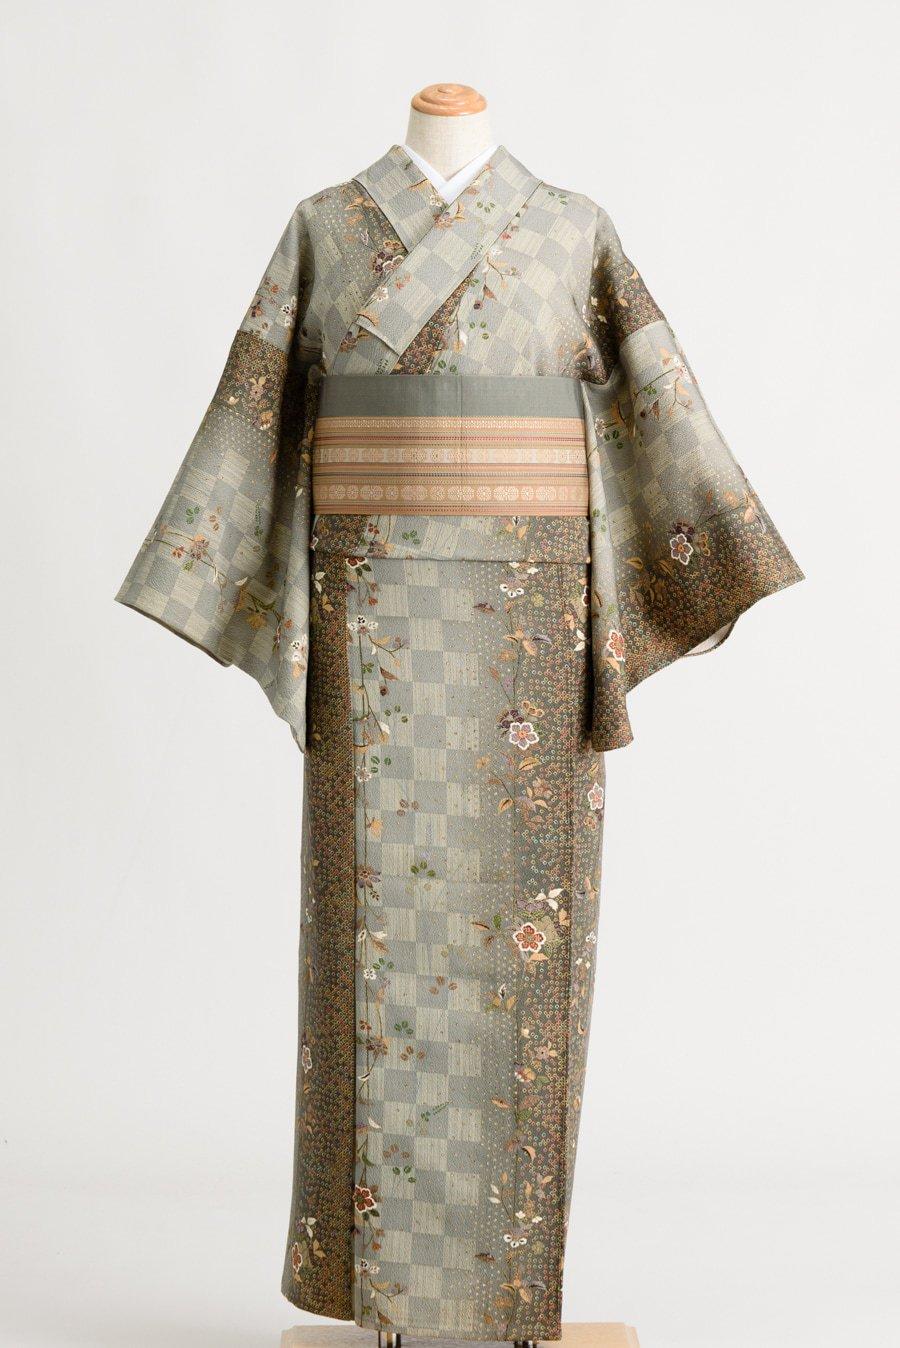 「単衣 市松と唐花」の商品画像